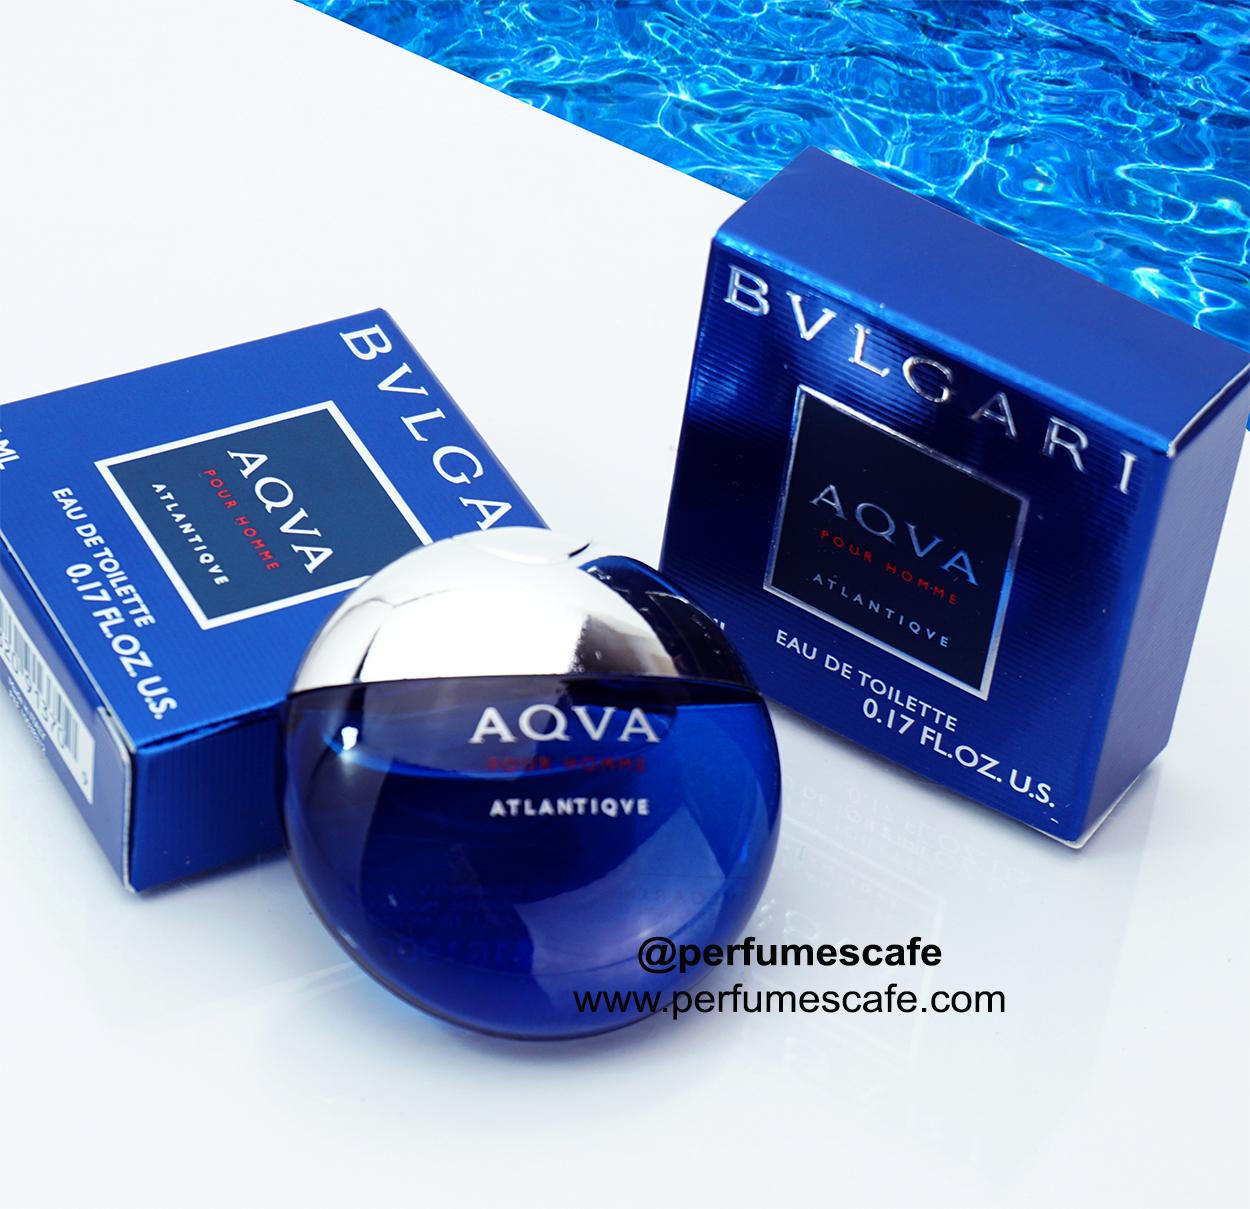 น้ำหอม Bvlgari Aqva Pour Homme Atlantiqve EDT ขนาด 5ml แบบแต้ม